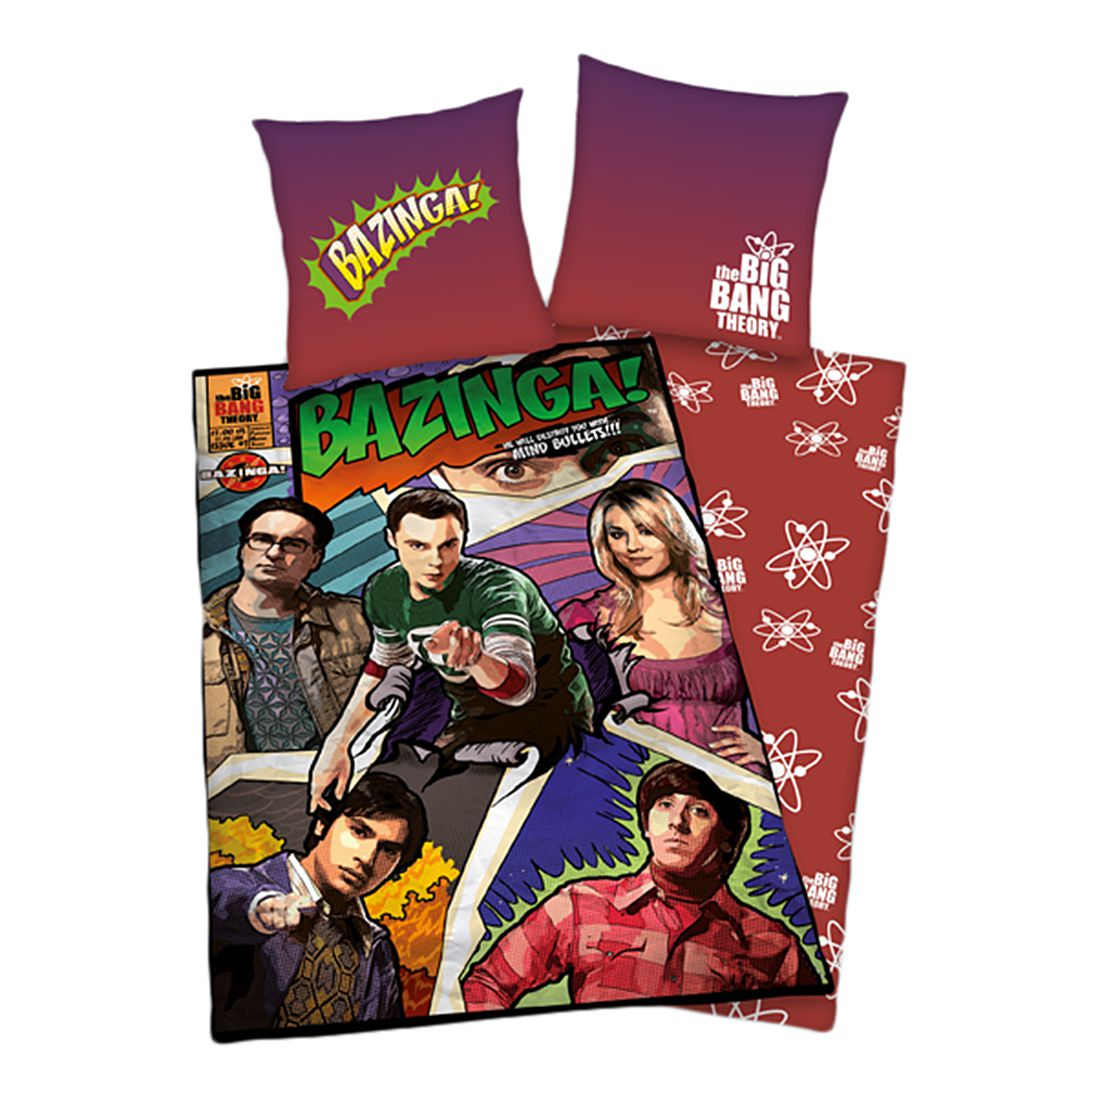 Bettwäsche Big Bang Theory, Herding günstig online kaufen